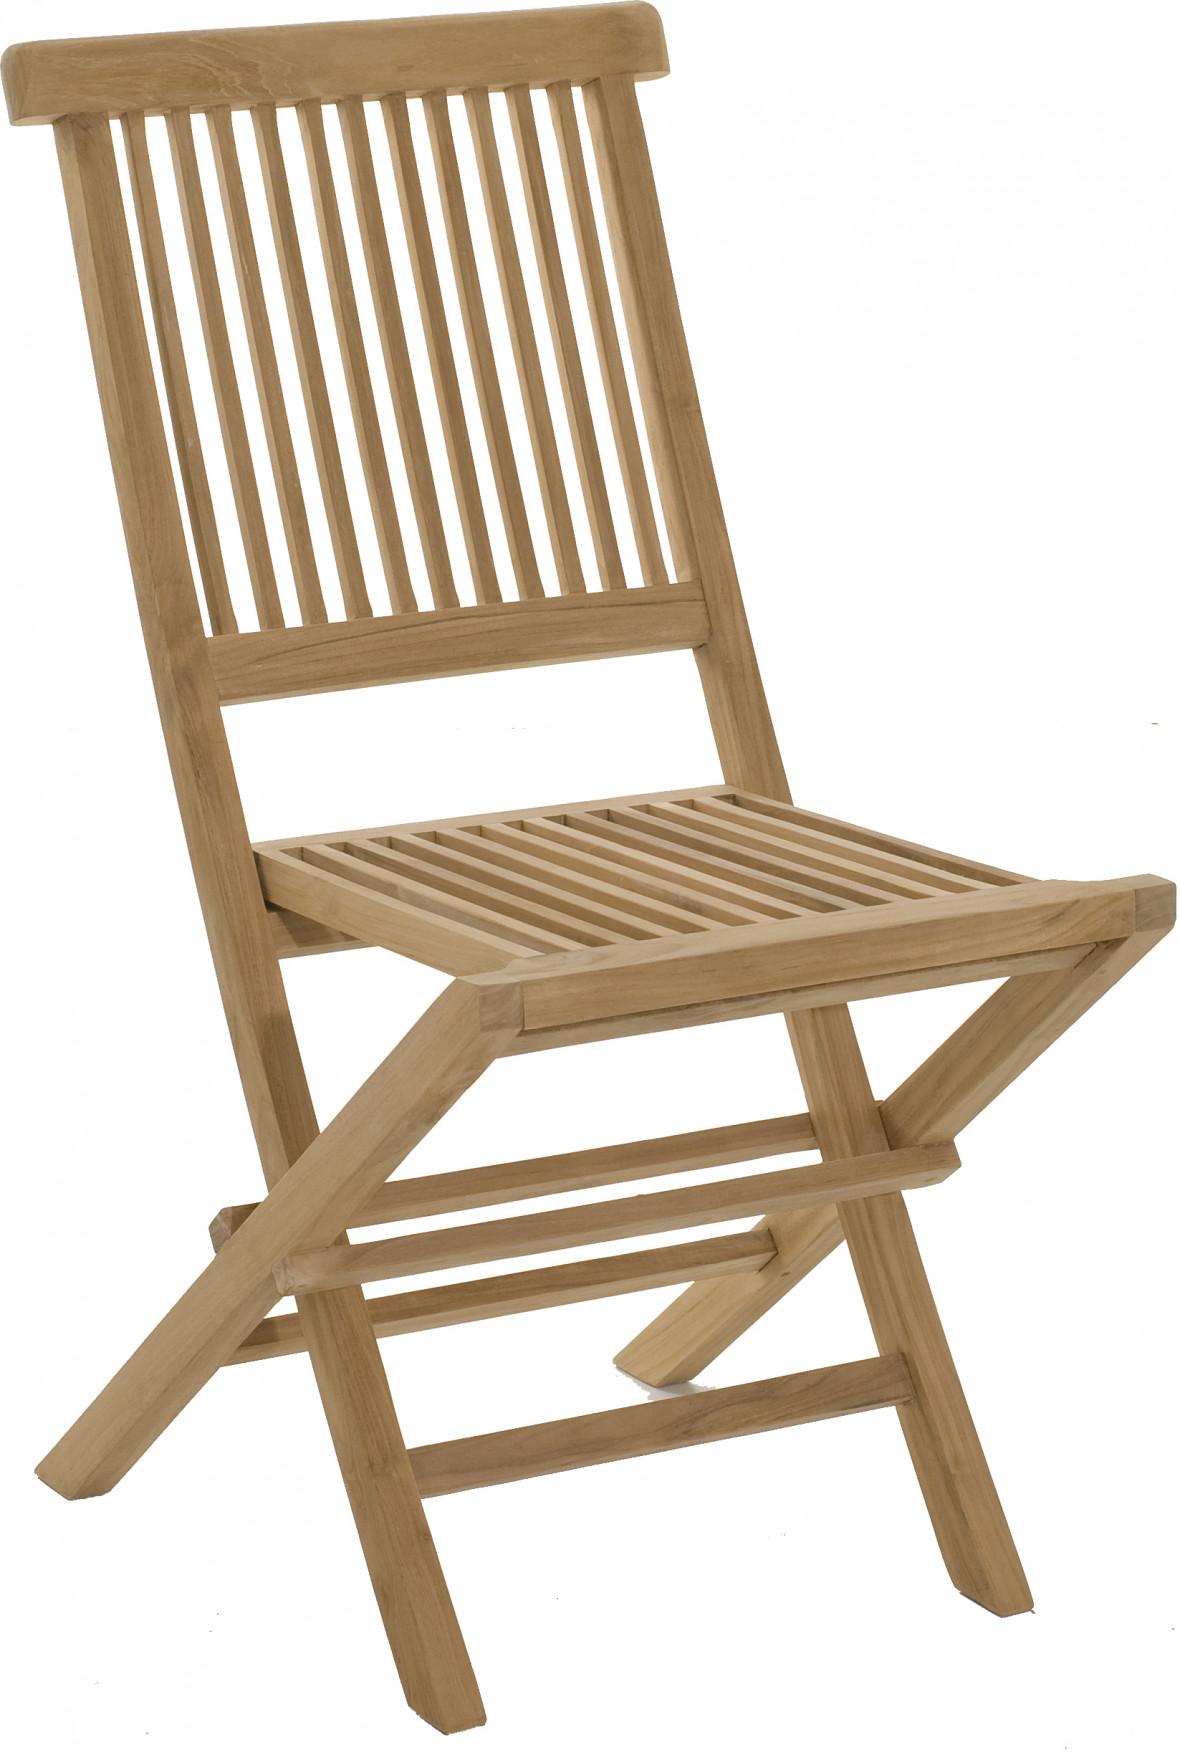 Chaise pliante teck dossier droit